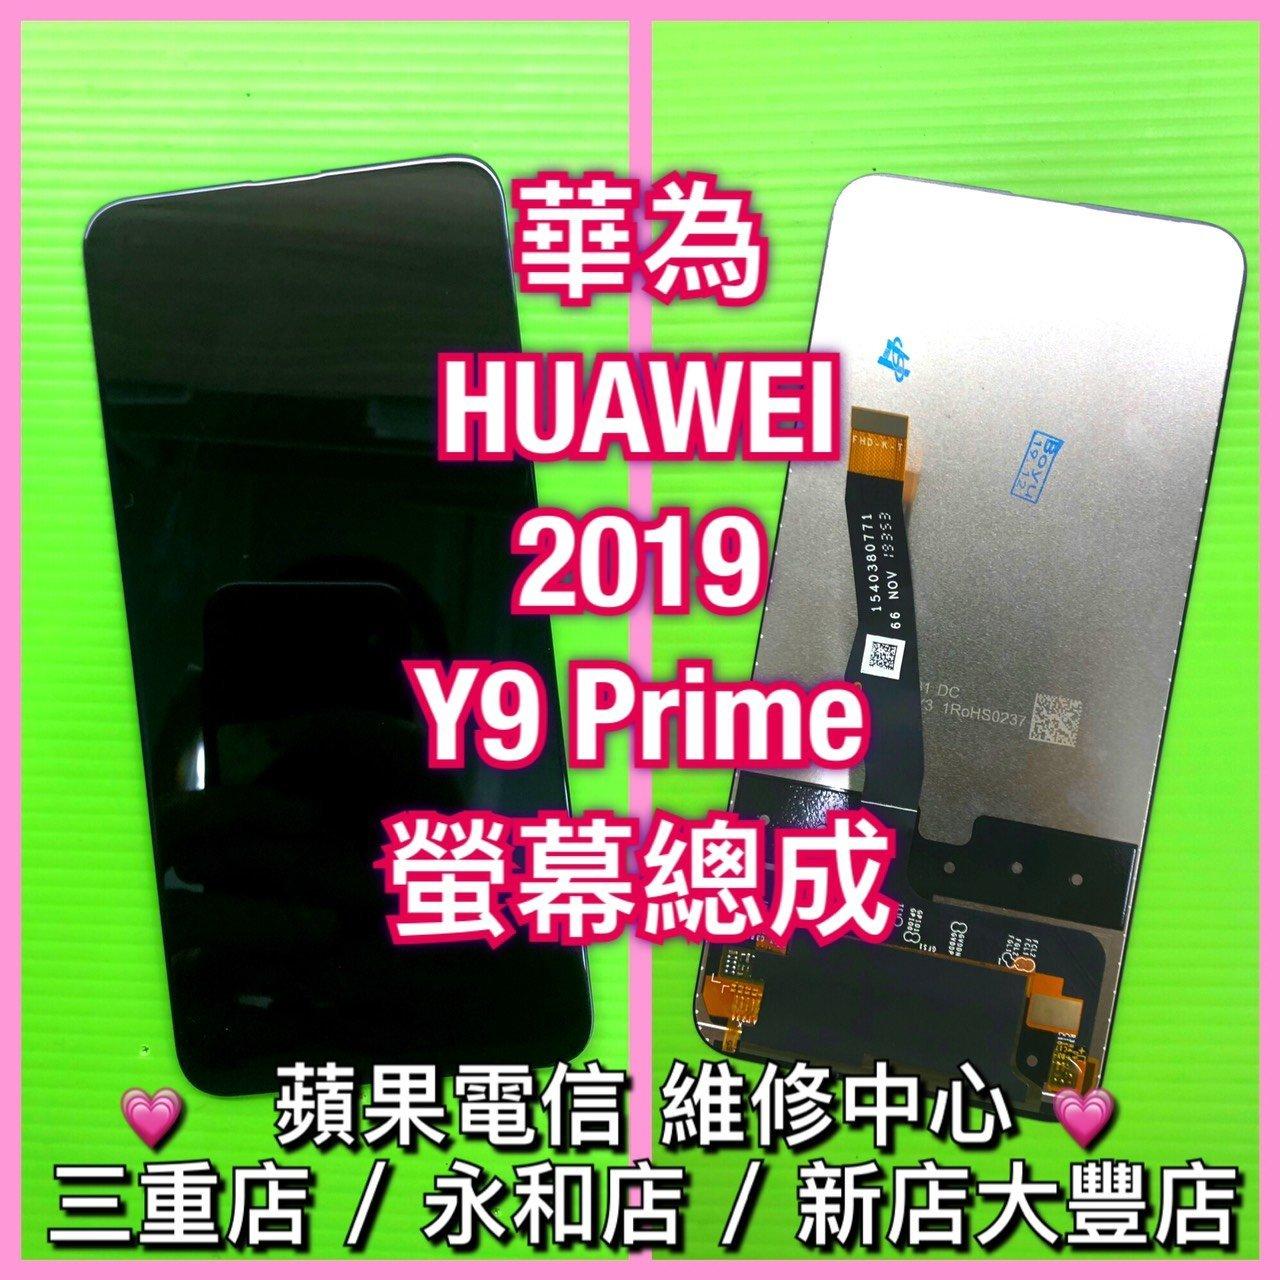 永和/三重【專業維修】華為 Y9 Prime 2019 液晶螢幕總成  STK-L22 LCD 破裂摔破 現場維修